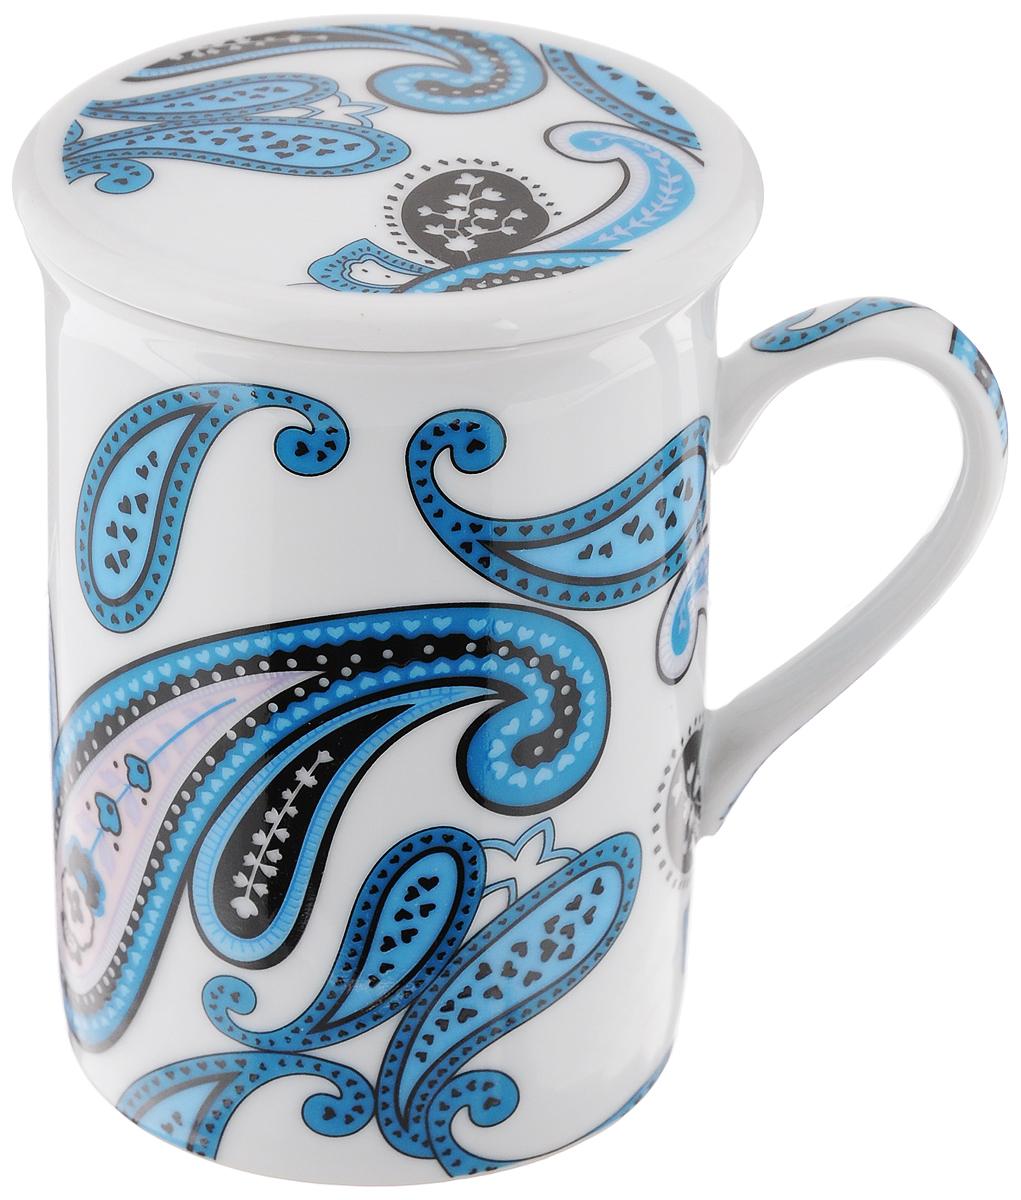 Кружка заварочная LarangE Ампир, цвет: белый, голубой, синий, 330 мл. 586-31586-313_белый,голубой,синийЗаварочная кружка LarangE Ампир изготовлена из высококачественного фарфора.Внешние стенки оформлены изысканным рисунком. Изделие оснащено съемнымметаллическим фильтром и фарфоровой крышкой. Заварочная кружка поможет быстро и вкусно заварить чай на одну порцию, не используязаварочный чайник.Такой набор станет хорошим подарком, а также придаст кухонному интерьеруособый колорит.Объем кружки: 330 мл. Диаметр кружки (по верхнему краю): 7,5 см.Высота стенки кружки: 10,5 см.Глубина ситечка: 5 см.Не рекомендуется применять абразивные моющие средства.